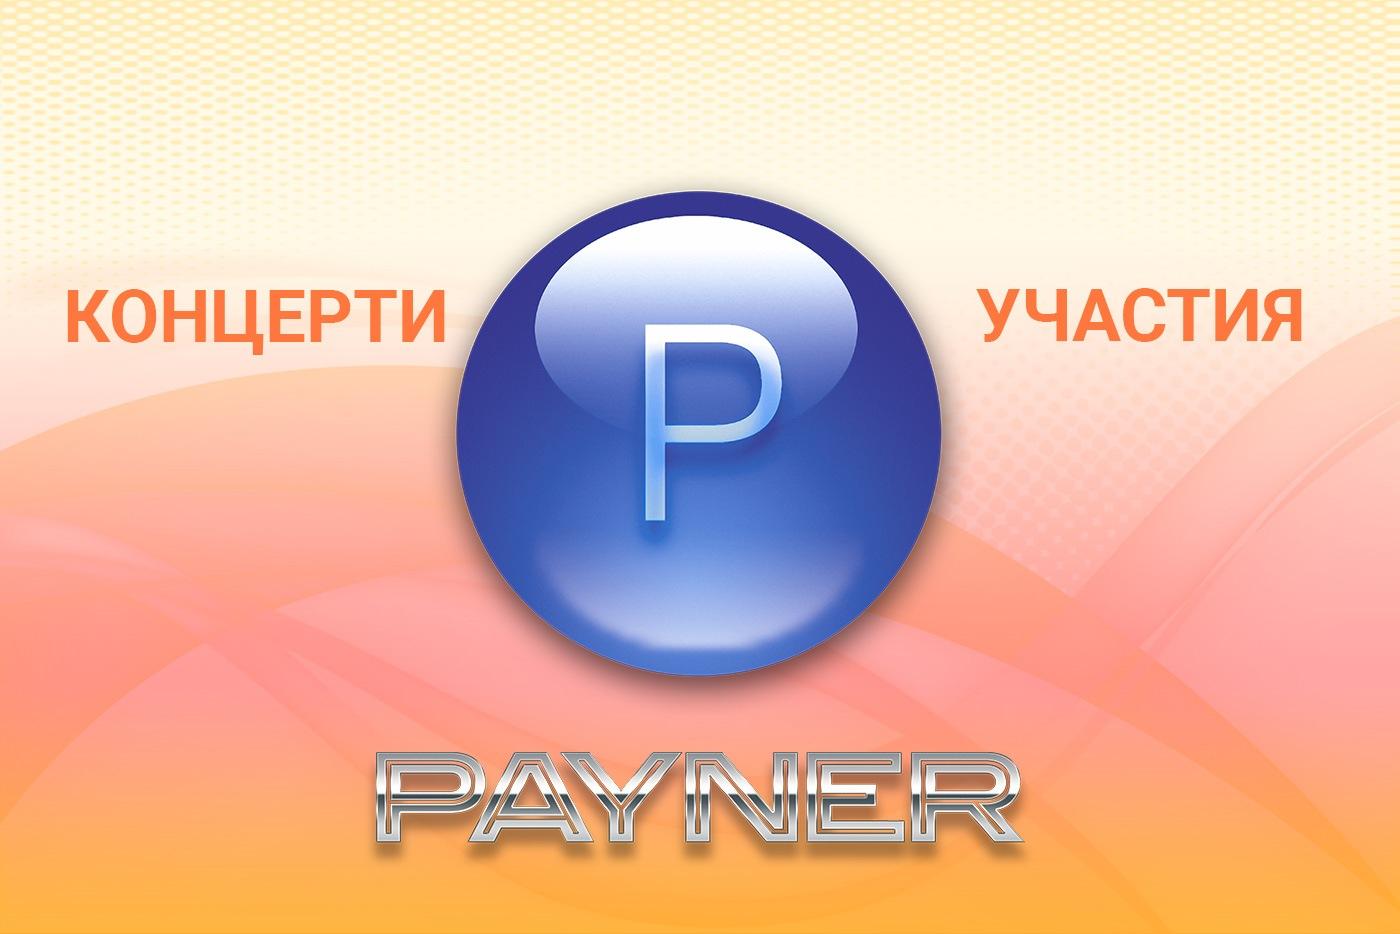 """Участия на звездите на """"Пайнер"""" на 31.01.2020"""